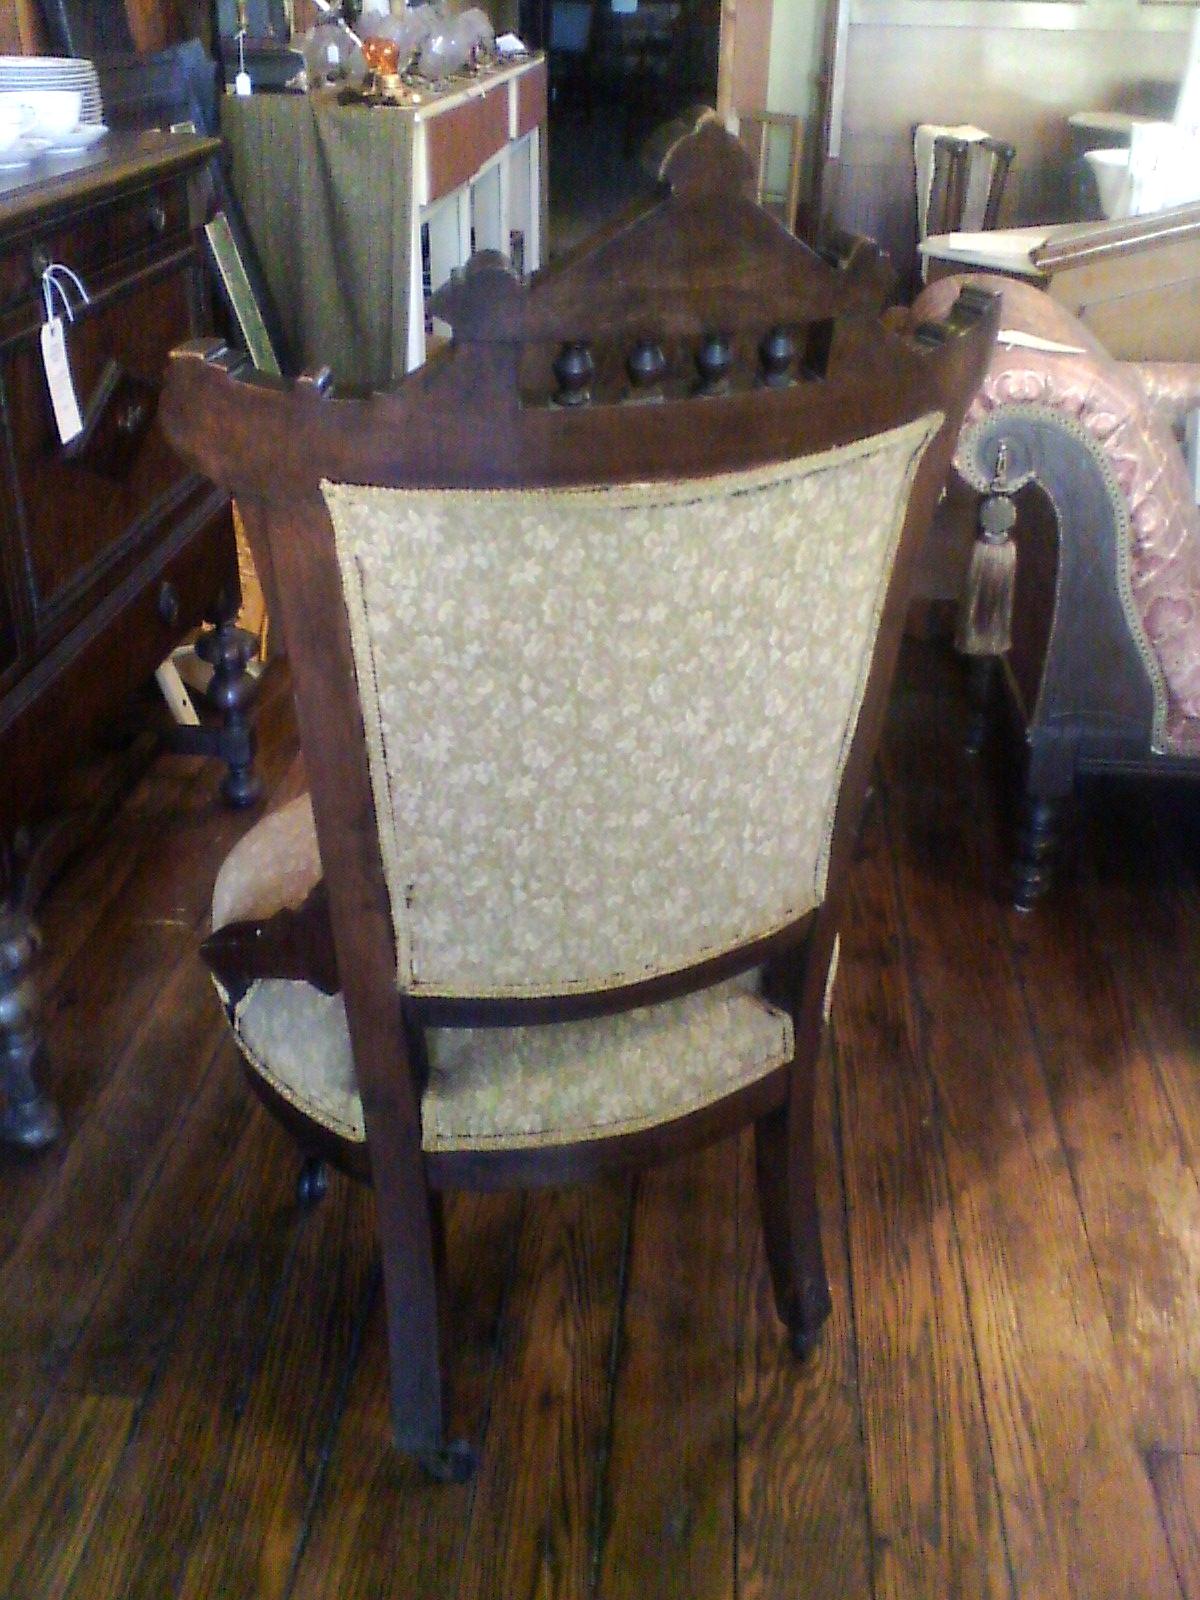 Victorian Renaissance Revival Parlor Chair For Sale Classifieds